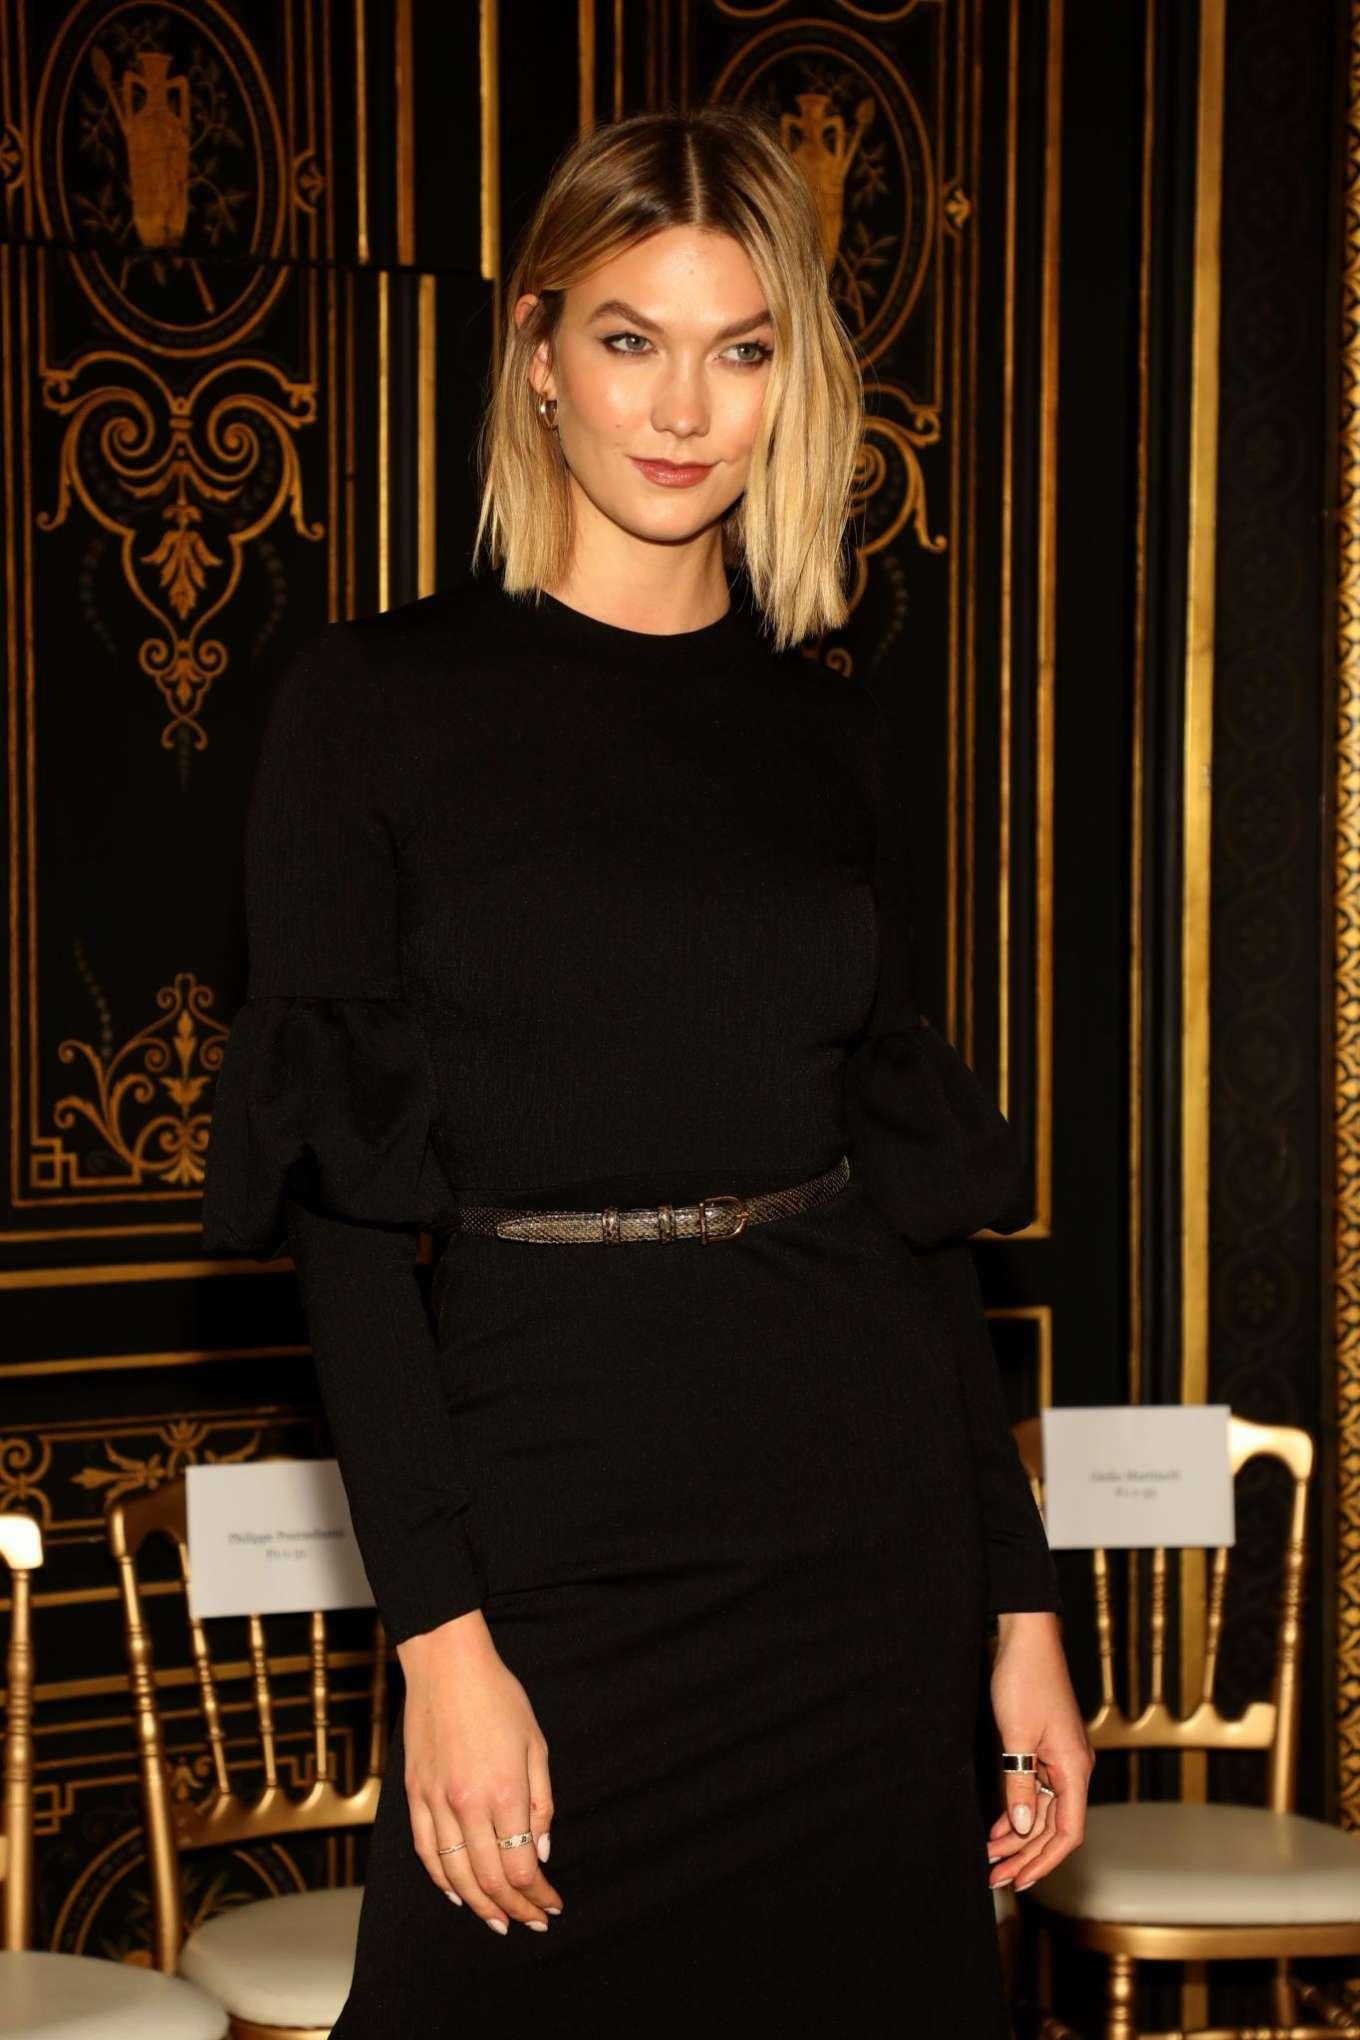 Karlie Kloss - Christian Siriano Womenswear SS 2020 Show at Paris Fashion Week